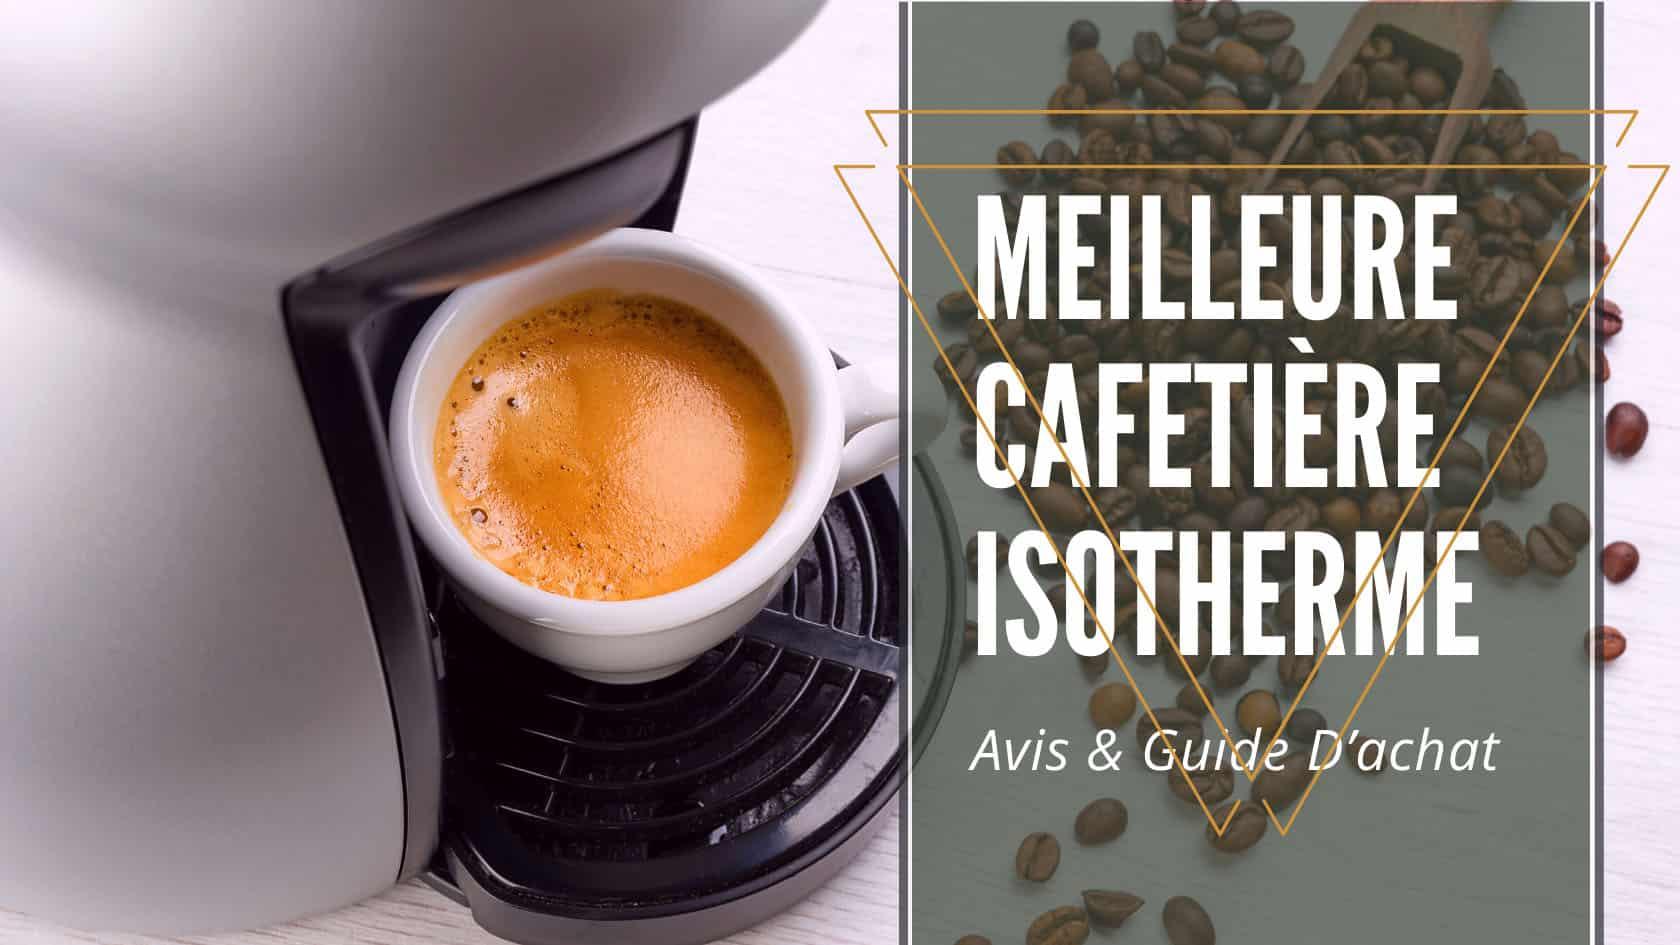 meilleure cafetière isotherme